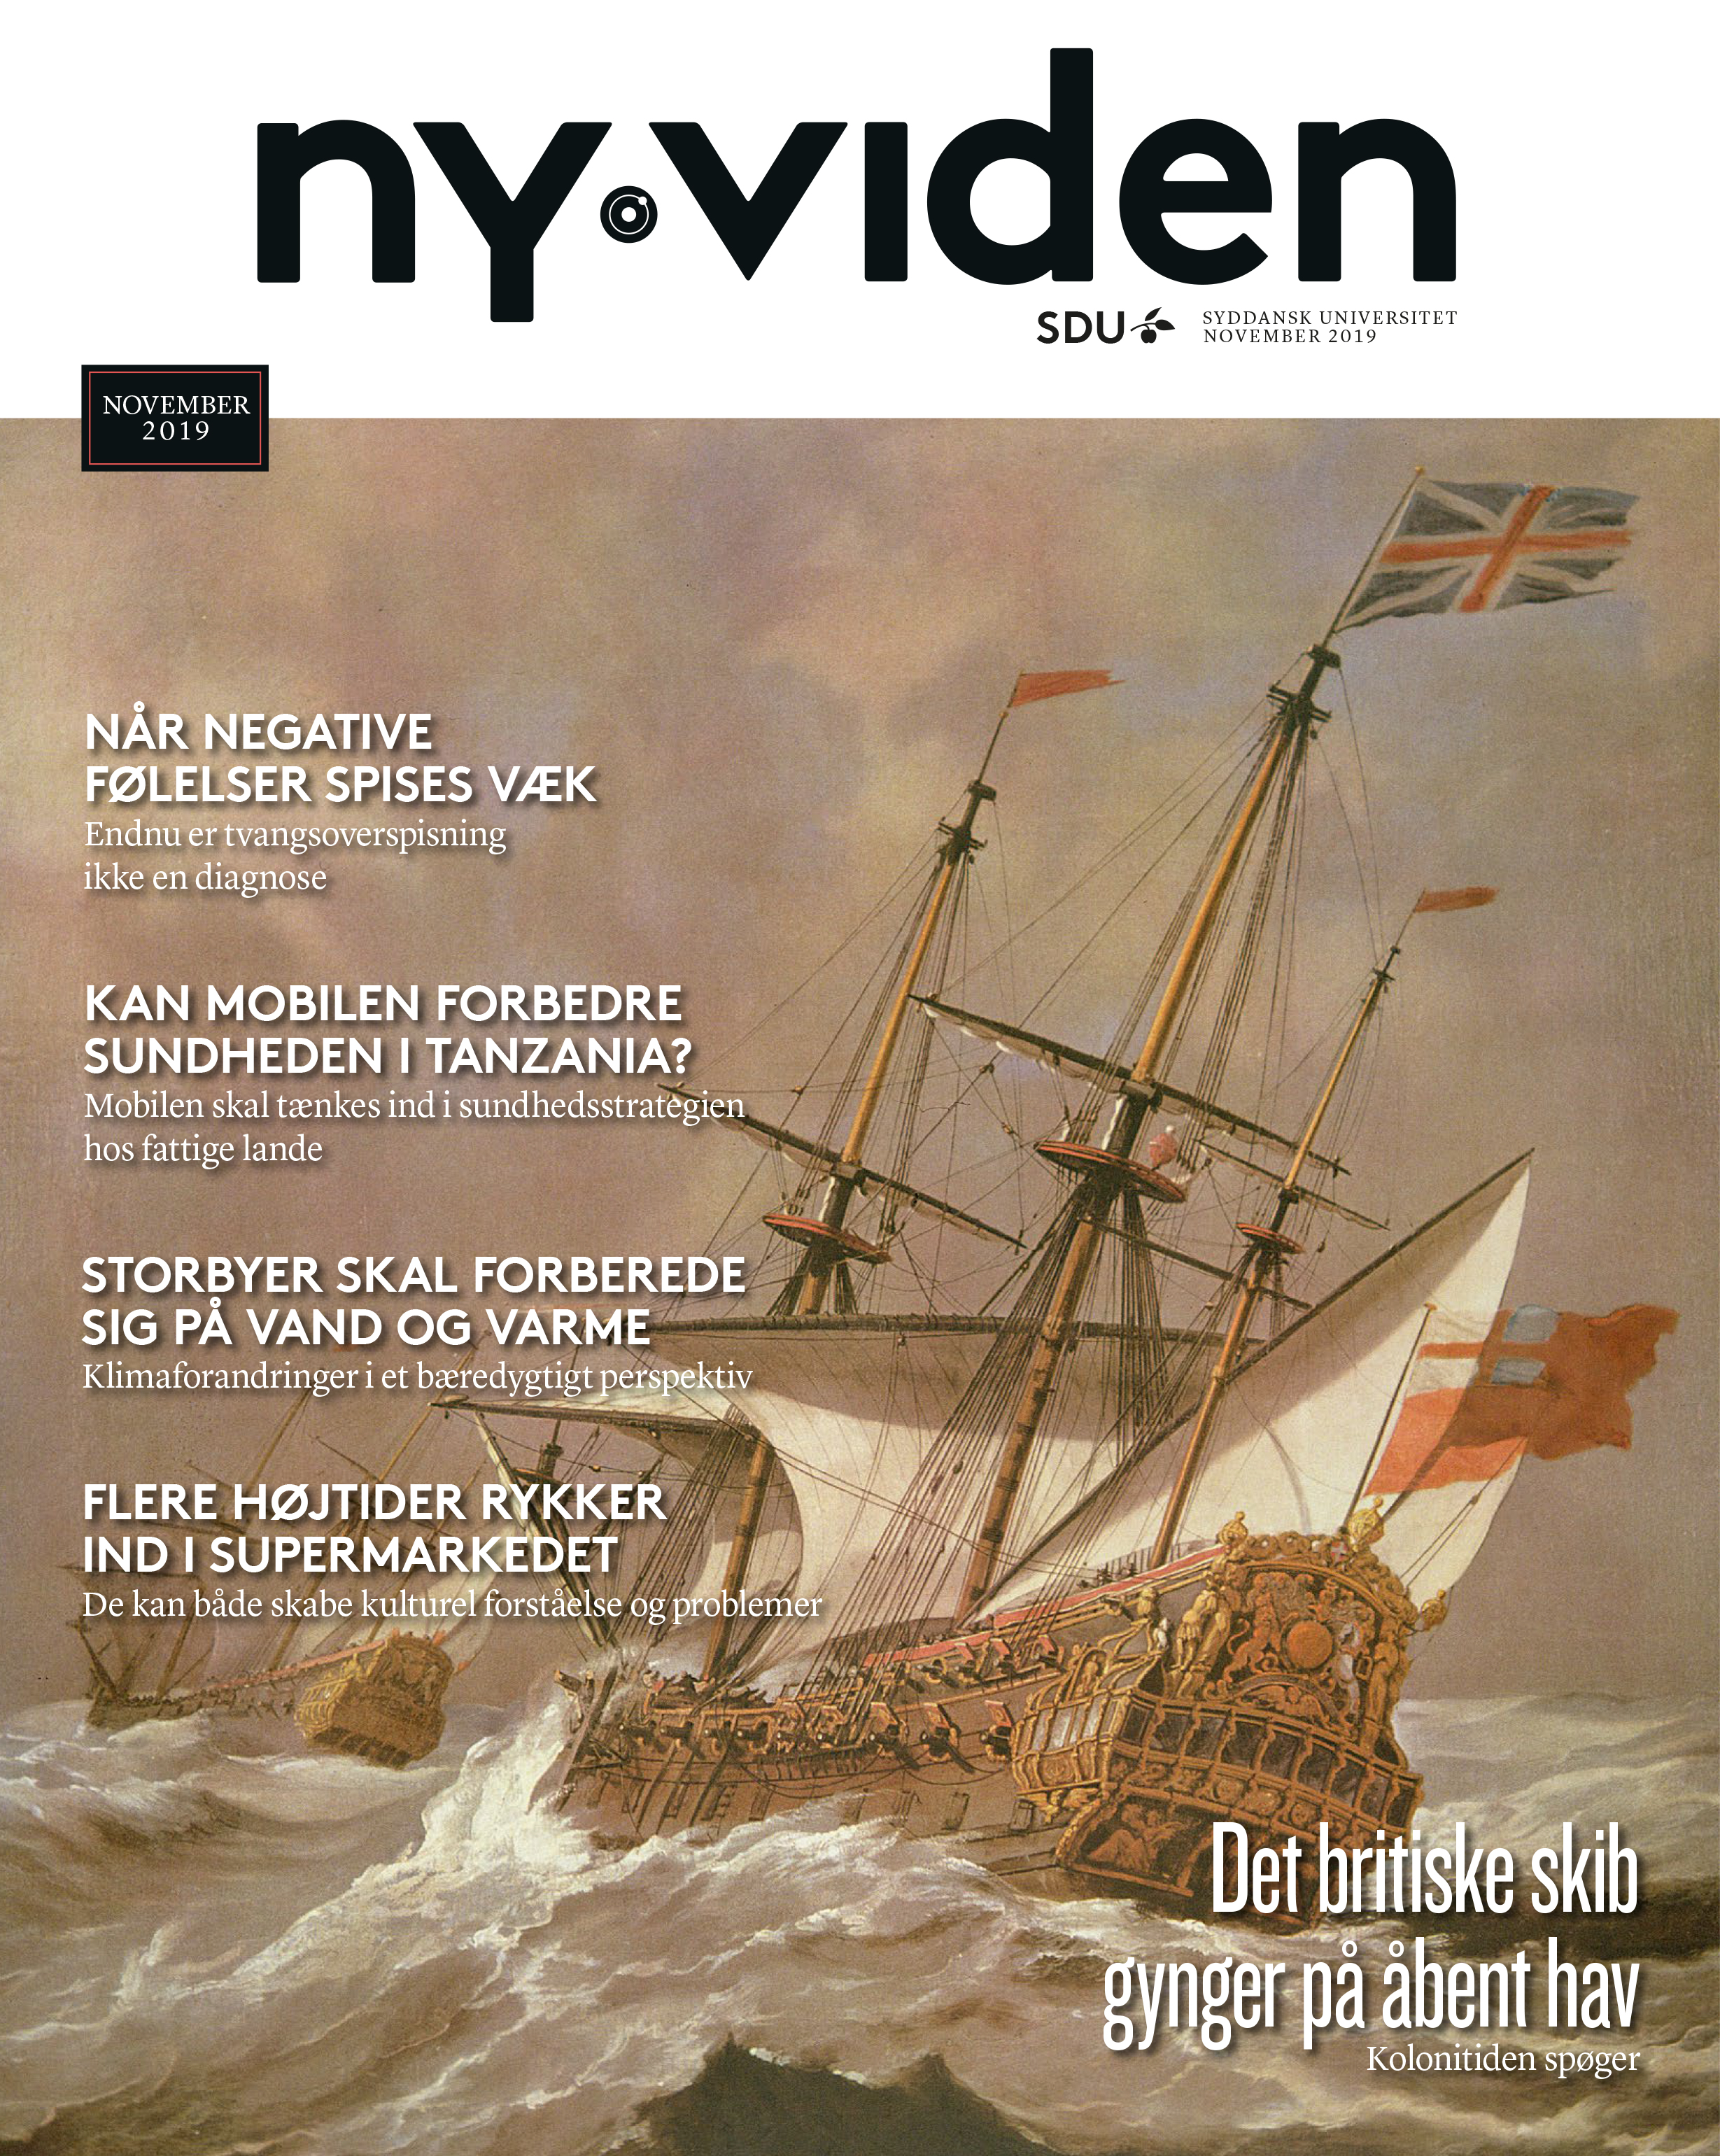 Forsiden af Ny Viden magasinet for november 2019